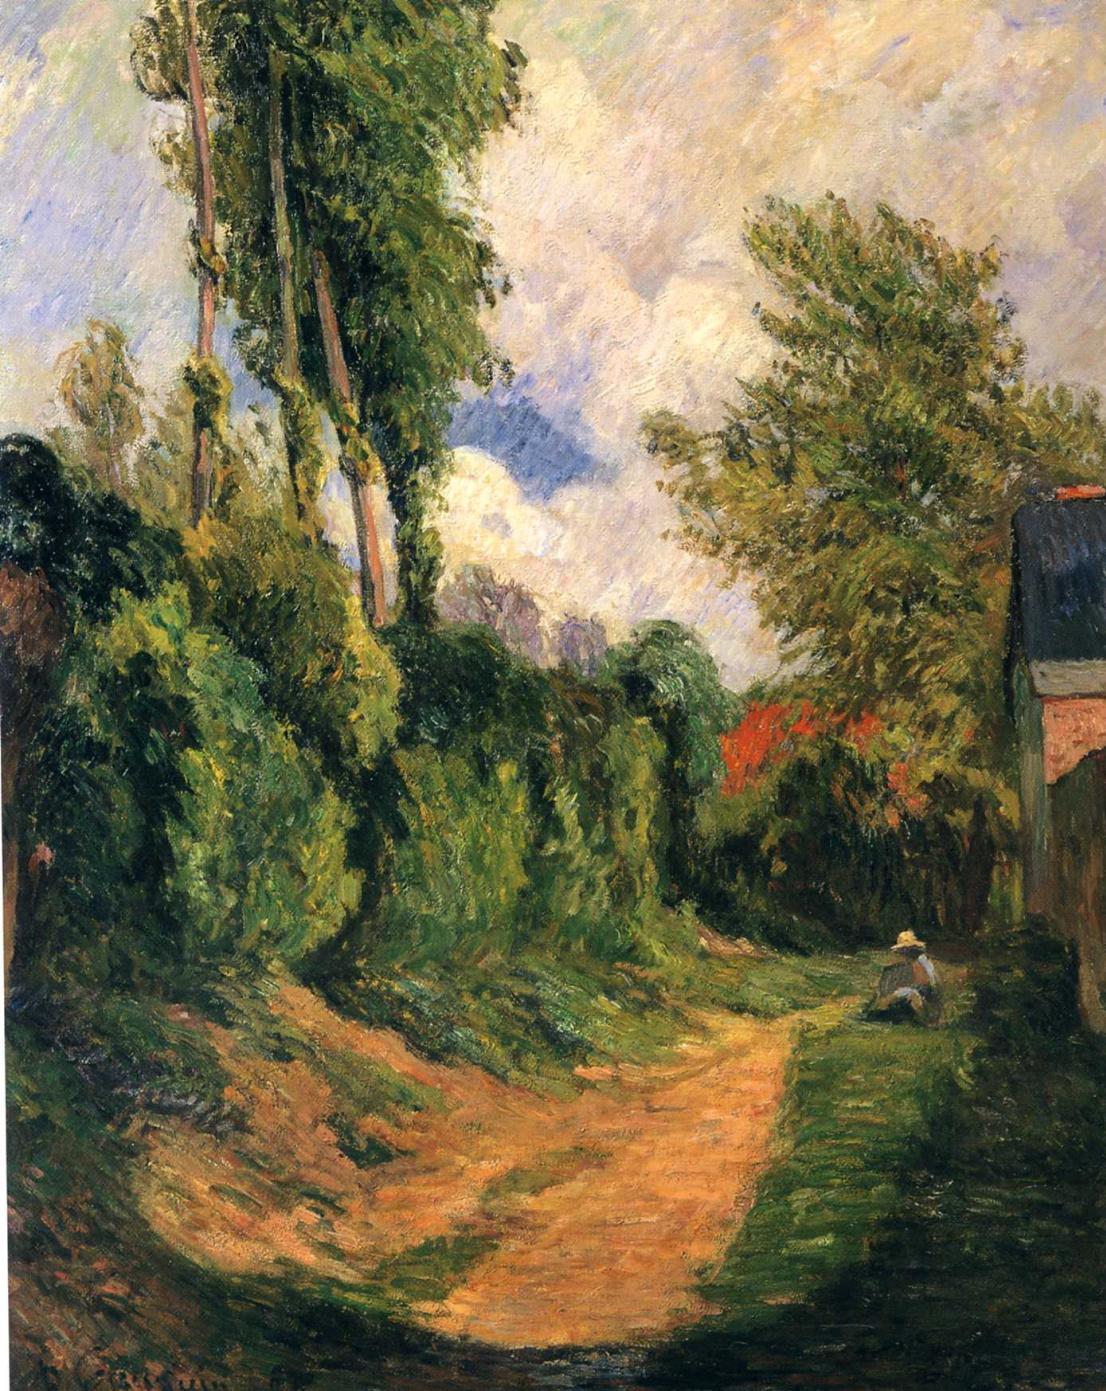 пейзаж < Затопленная тропинка >  :: Поль Гоген [ живопись постимпрессионизм ] - Гоген Поль ( Paul Gauguin ) фото